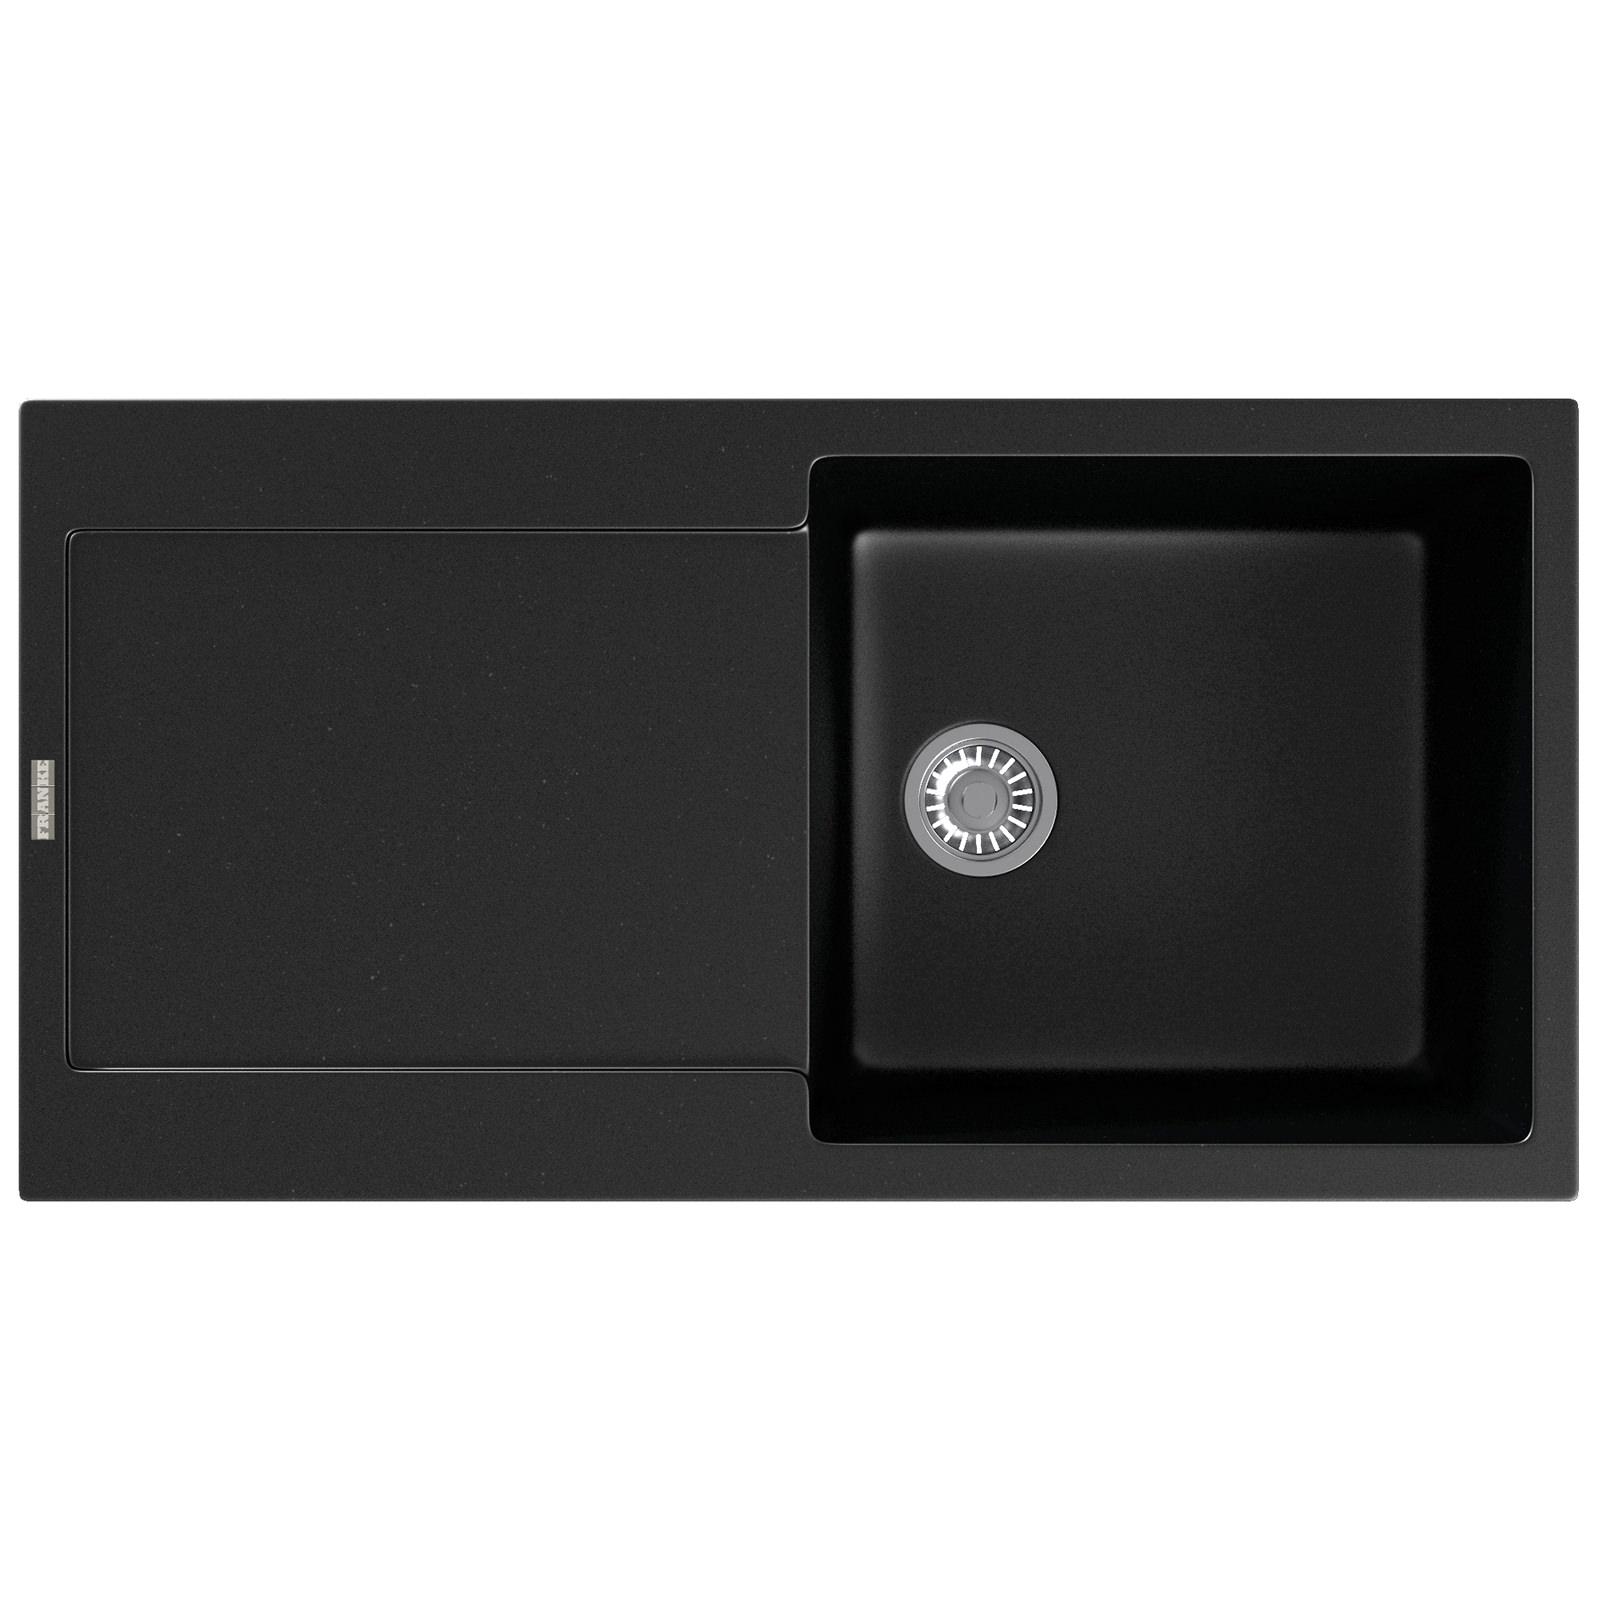 franke maris mrg 611 fragranite onyx 1 0 bowl inset sink. Black Bedroom Furniture Sets. Home Design Ideas